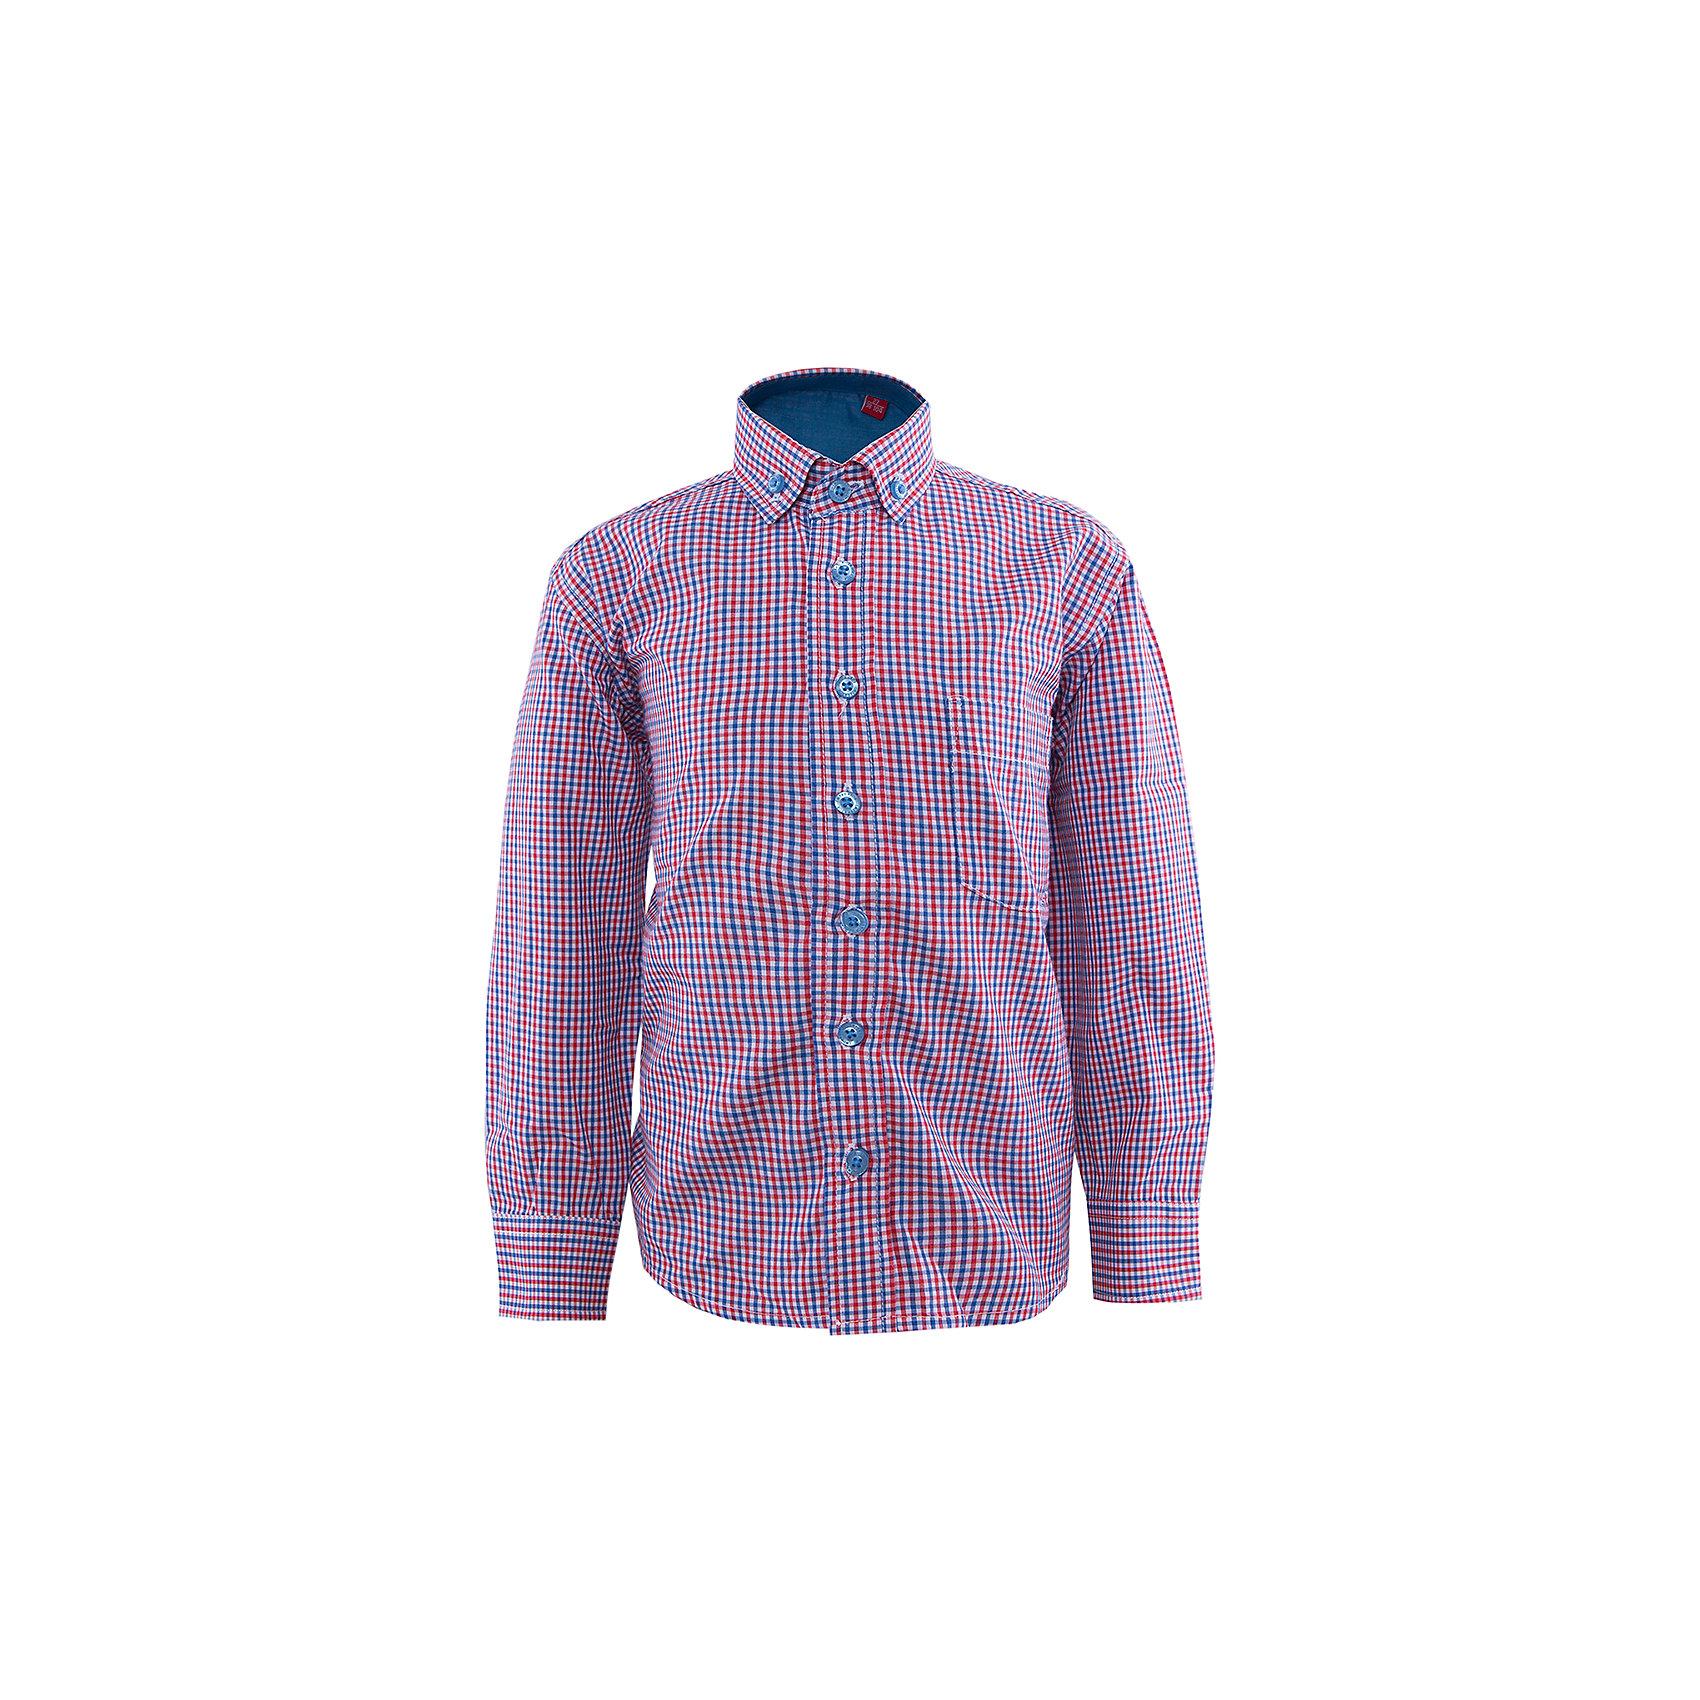 Рубашка для мальчика ImperatorБлузки и рубашки<br>Рубашка для мальчика от известного бренда Imperator.<br><br>Классическая рубашка - неотьемлемая вещь в гардеробе, даже для самых юных богатырей! Модель на пуговицах, с отложным воротником. Свободный покрой не стеснит движений и позволит чувствовать себя комфортно каждый день. <br><br>Состав:<br>65 % хлопок, 35% П/Э<br><br>Ширина мм: 174<br>Глубина мм: 10<br>Высота мм: 169<br>Вес г: 157<br>Цвет: разноцветный<br>Возраст от месяцев: 48<br>Возраст до месяцев: 60<br>Пол: Мужской<br>Возраст: Детский<br>Размер: 104/110,98/104,110/116,116/122,92/98<br>SKU: 4963319